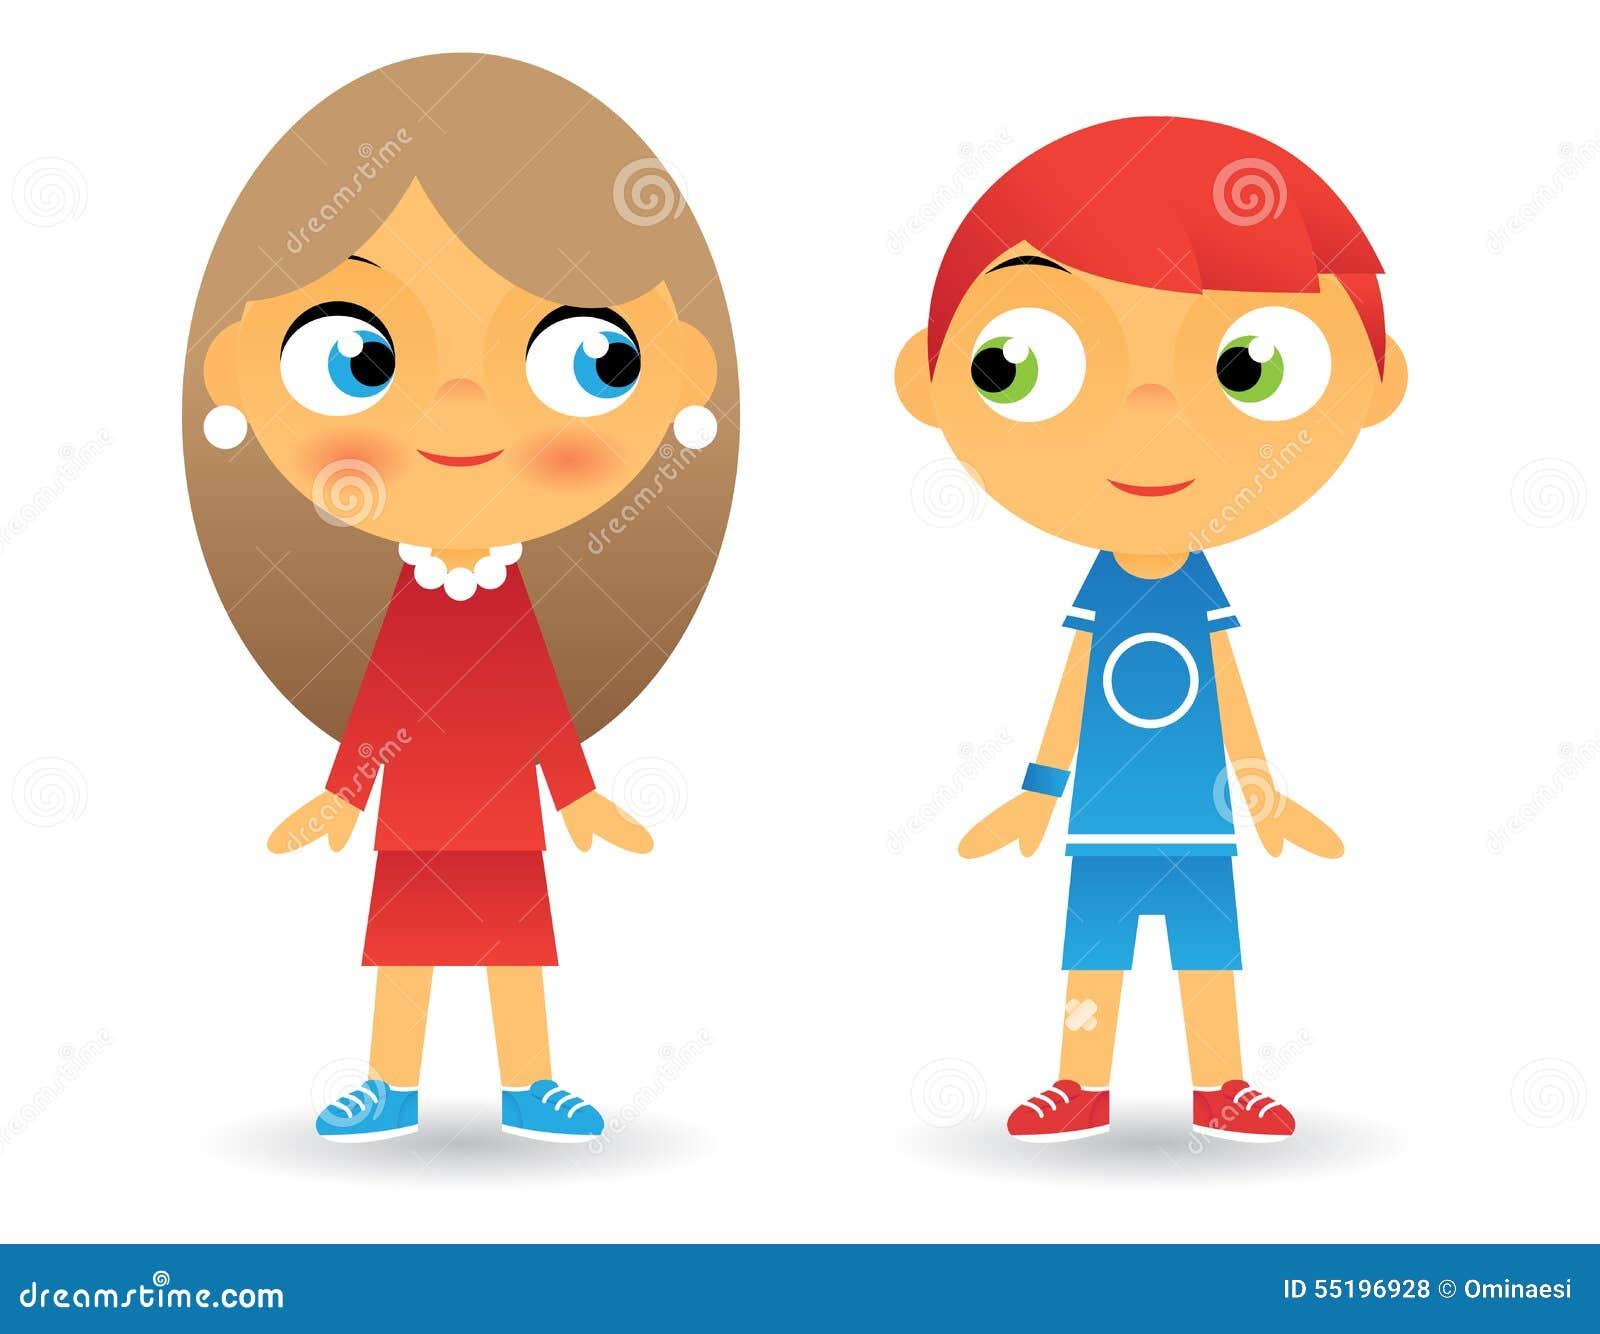 Iconos De Los Niños Del Personaje De Dibujos Animados De La Muchacha